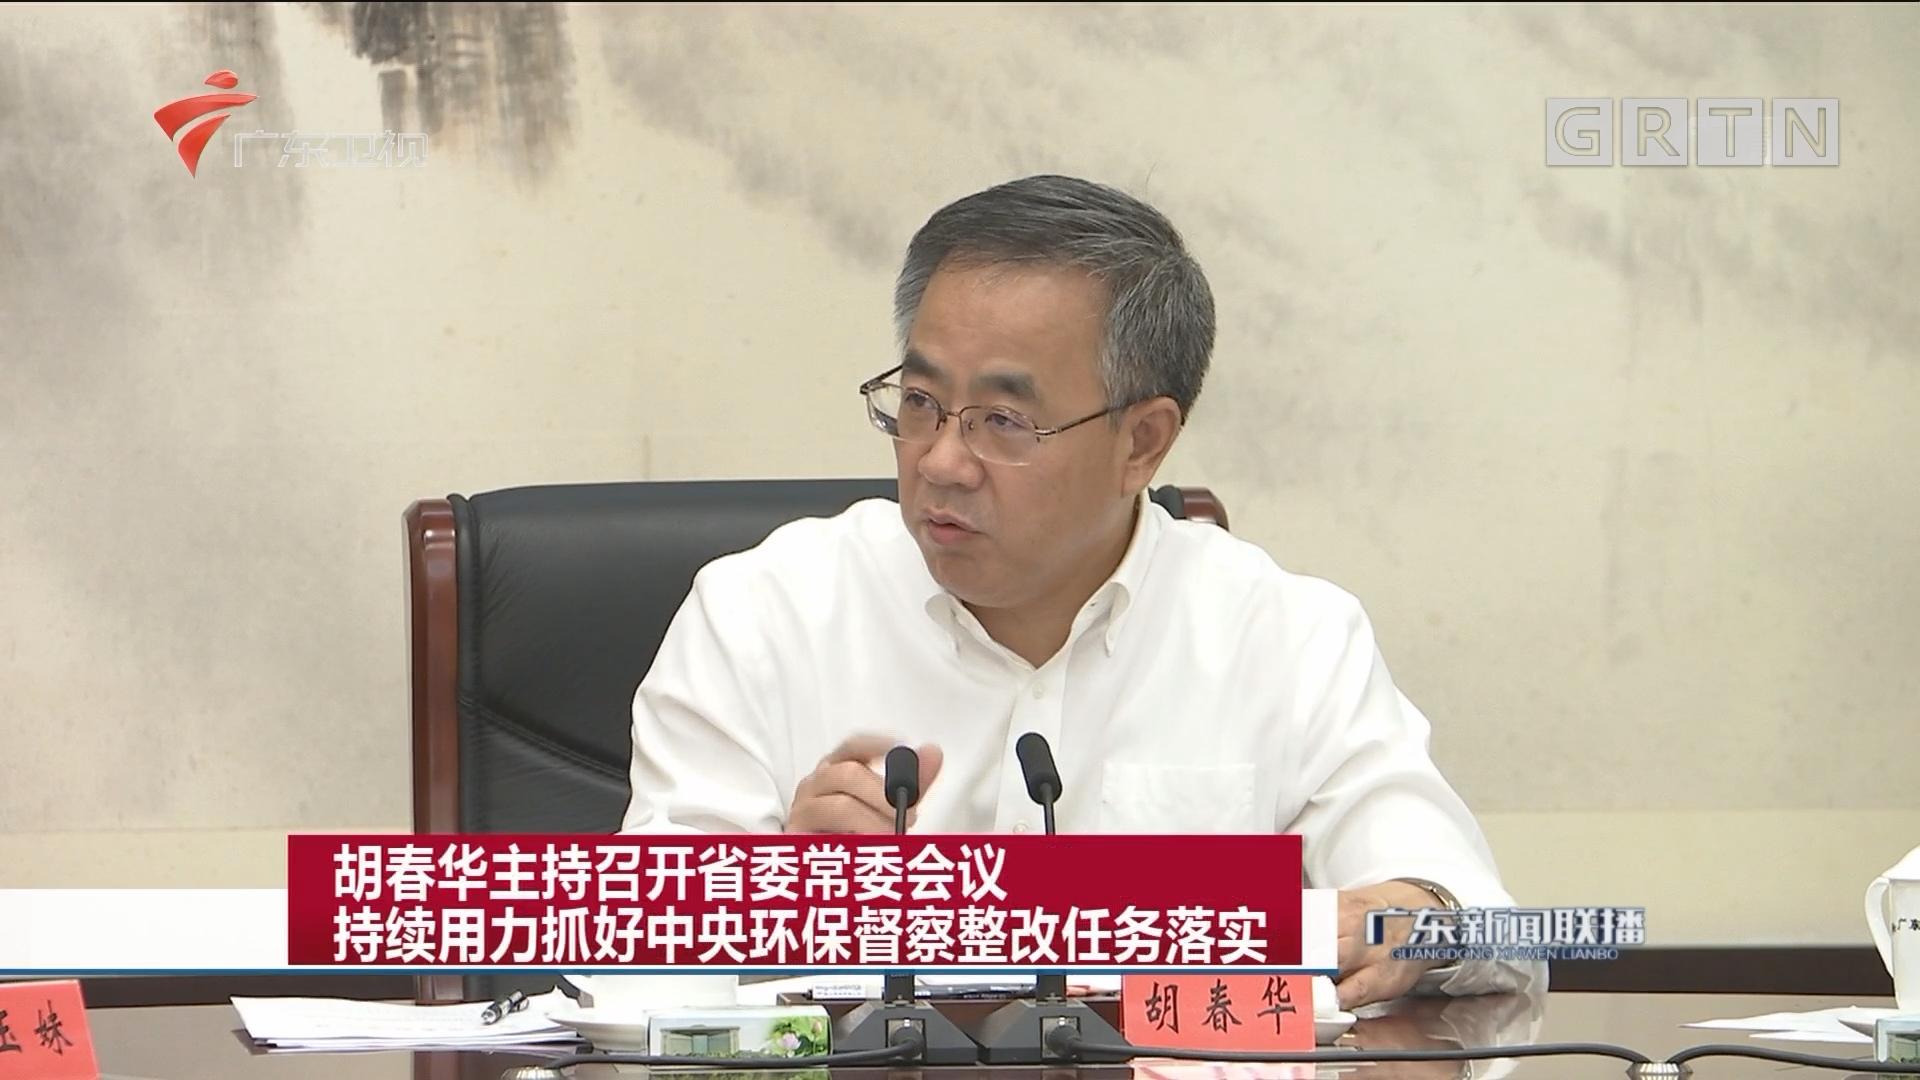 胡春华主持召开省委常委会议 持续用力抓好中央环保督察整改任务落实